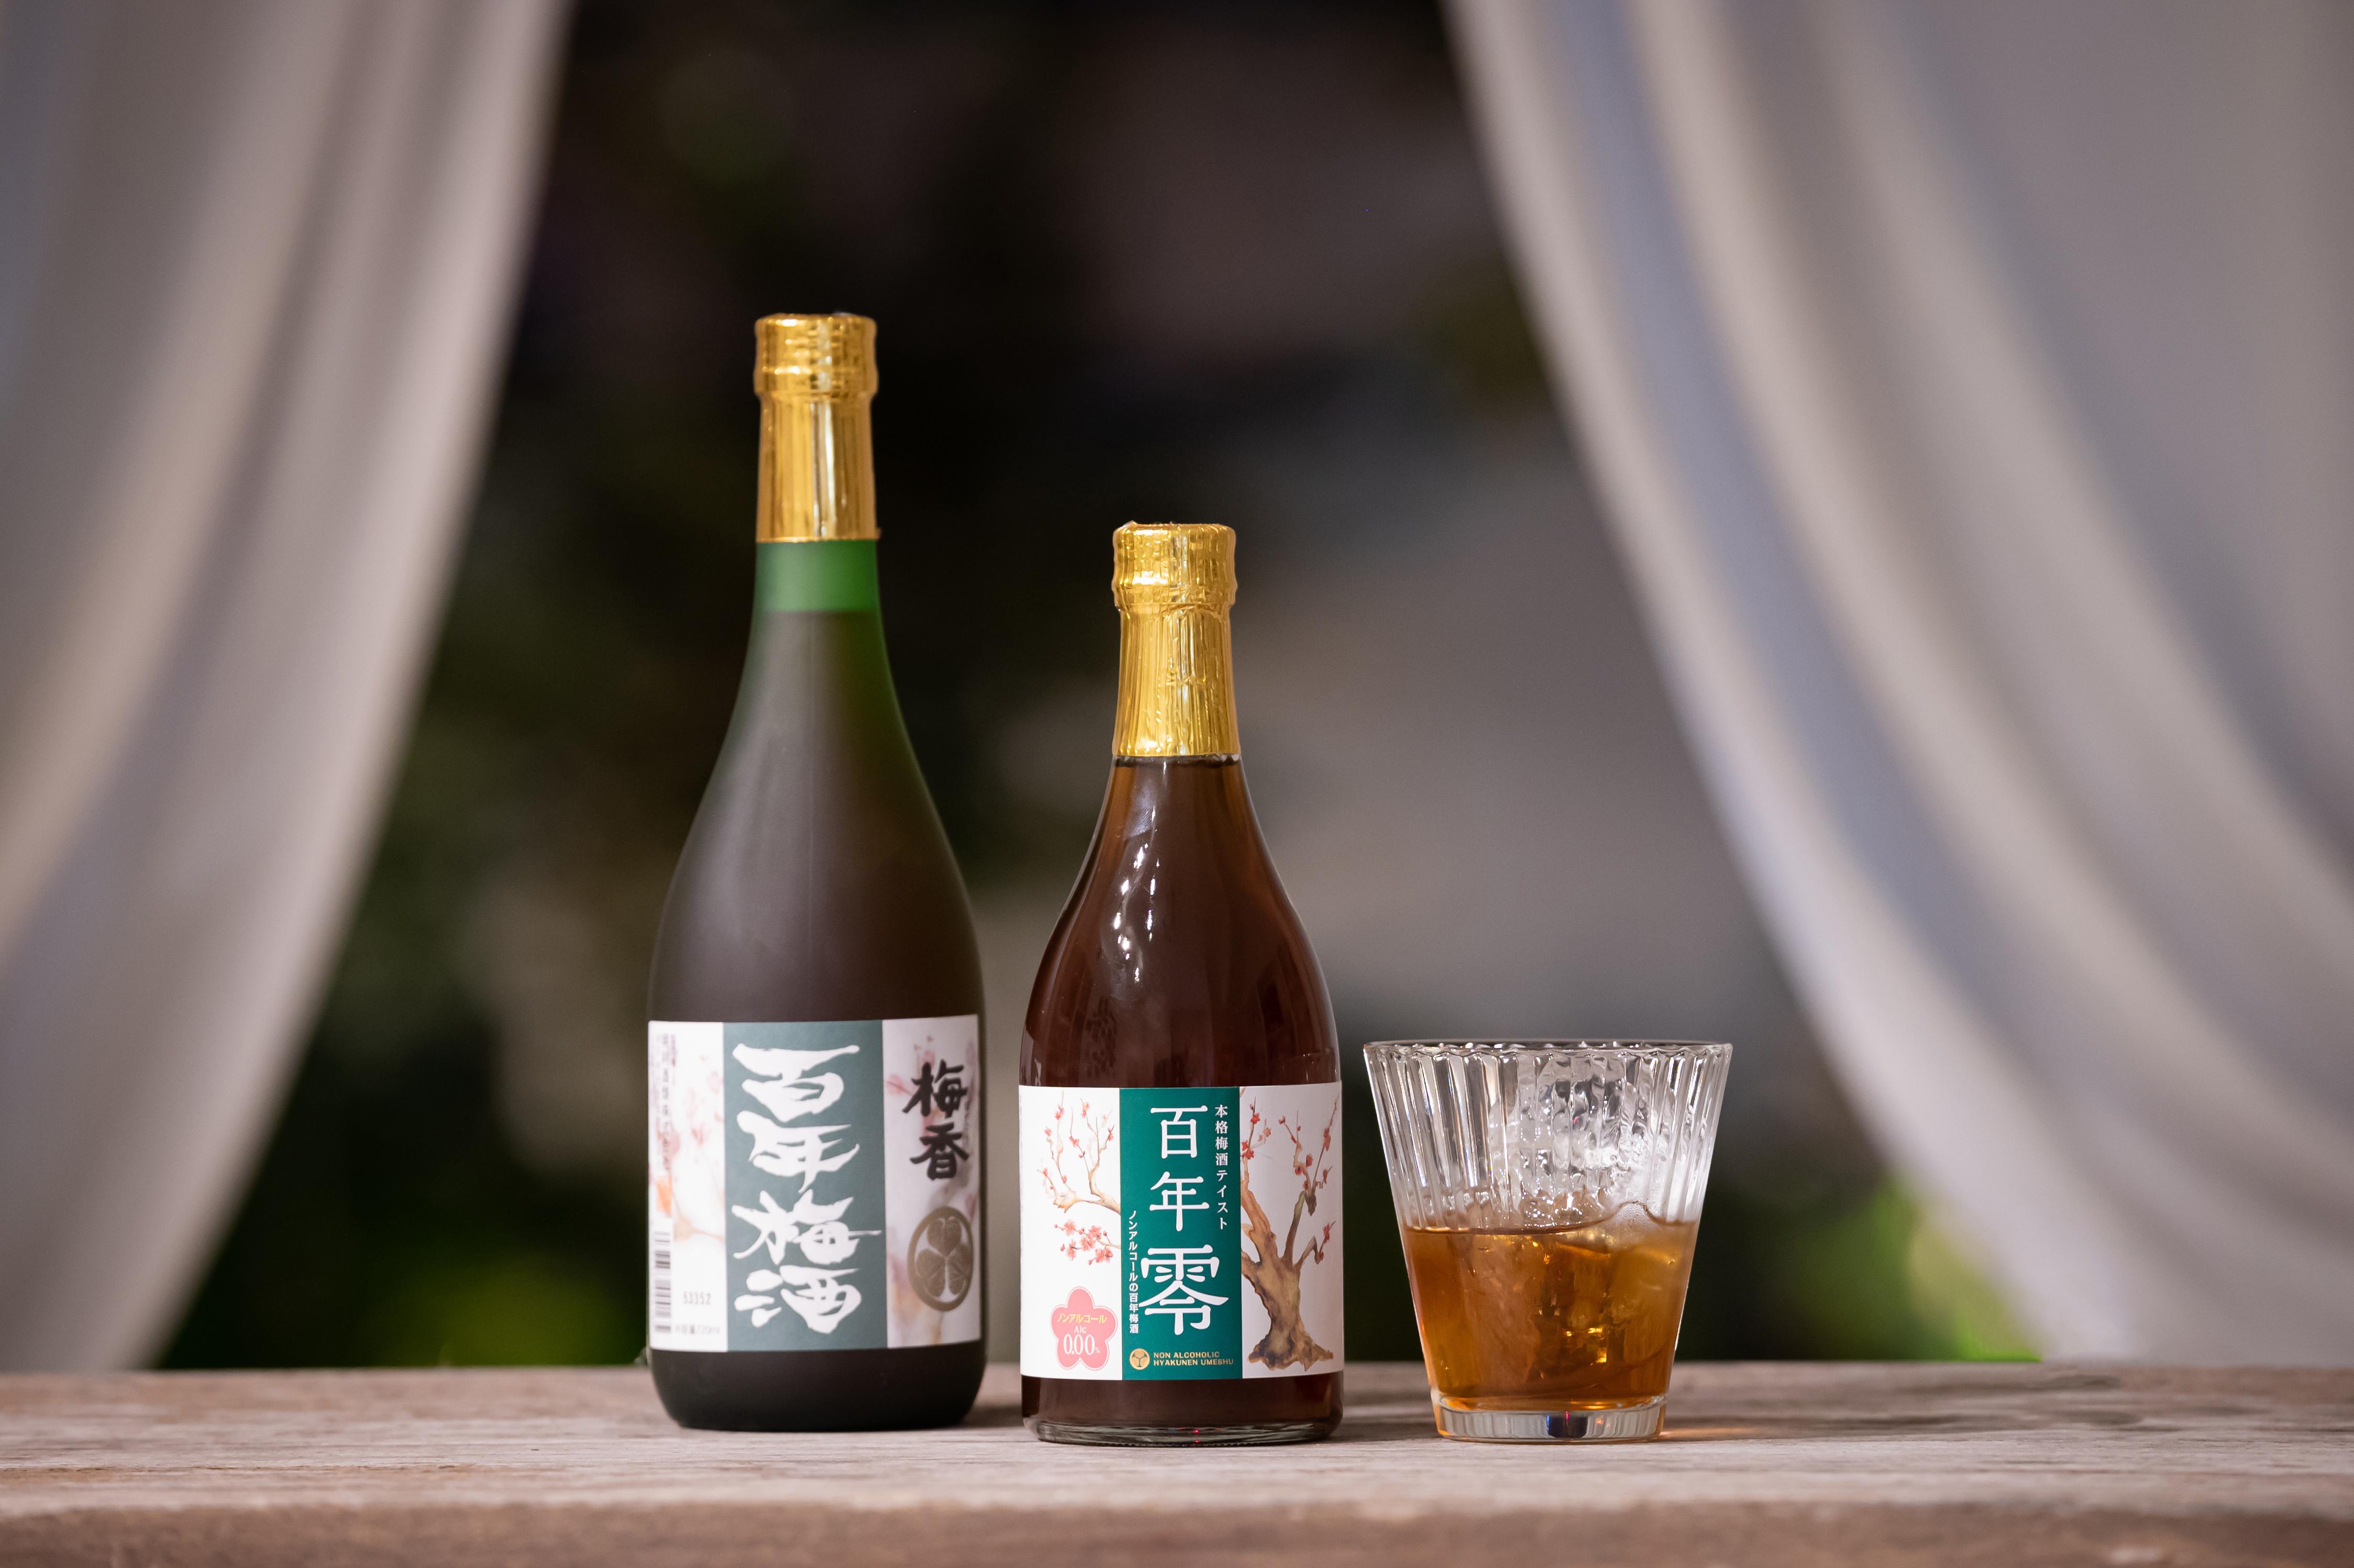 梅ジュースとは一線を画す!? ノンアルコール梅酒「百年零-ZERO-」が新発売